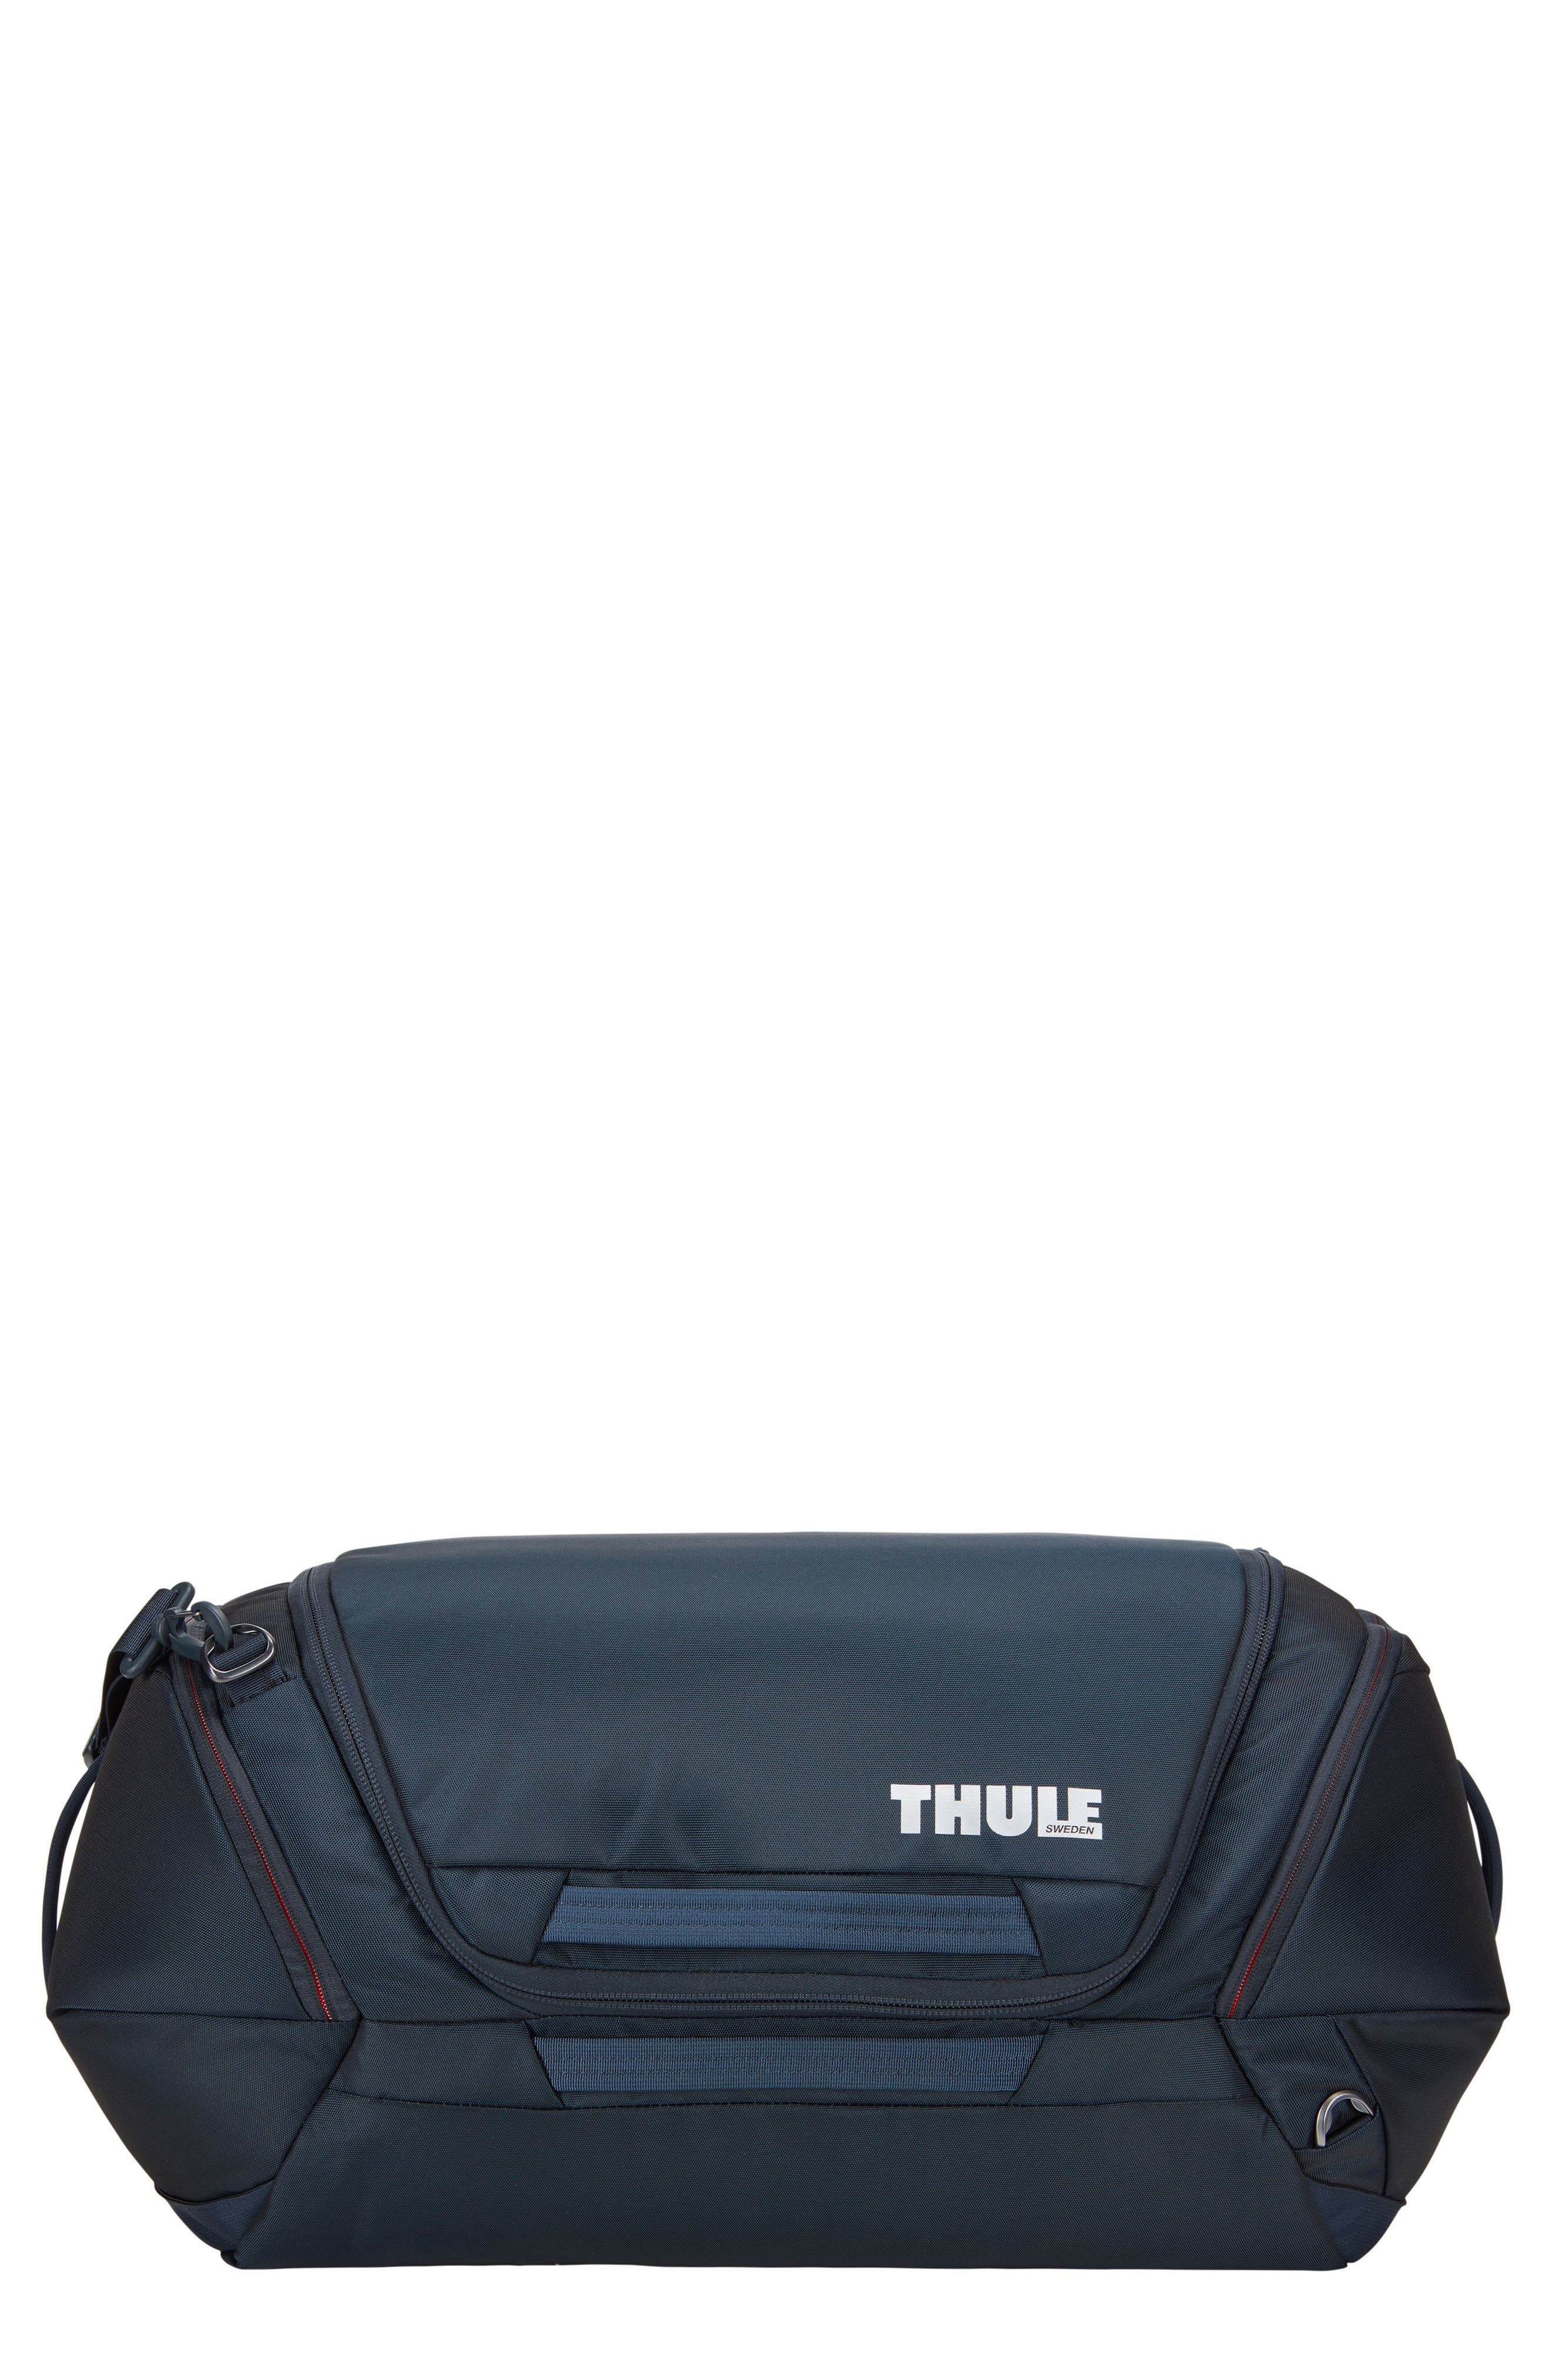 Main Image - Thule Subterra 60-Liter Duffel Bag